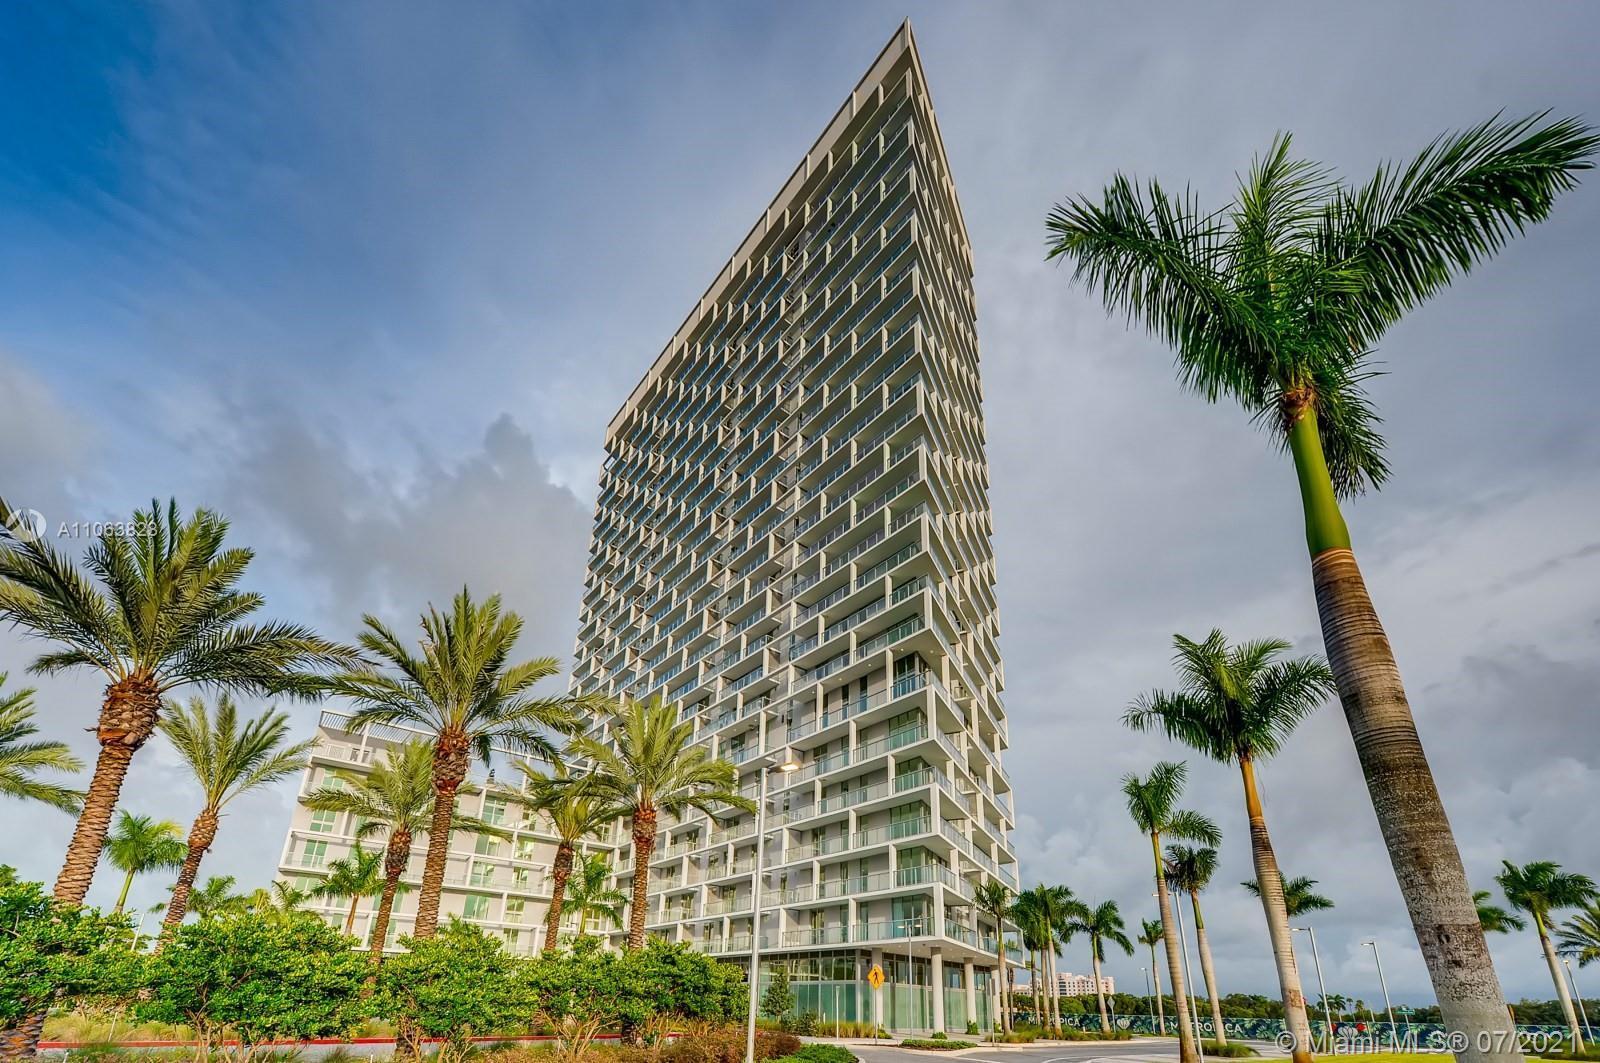 Unit , Sunrise, Florida 33323